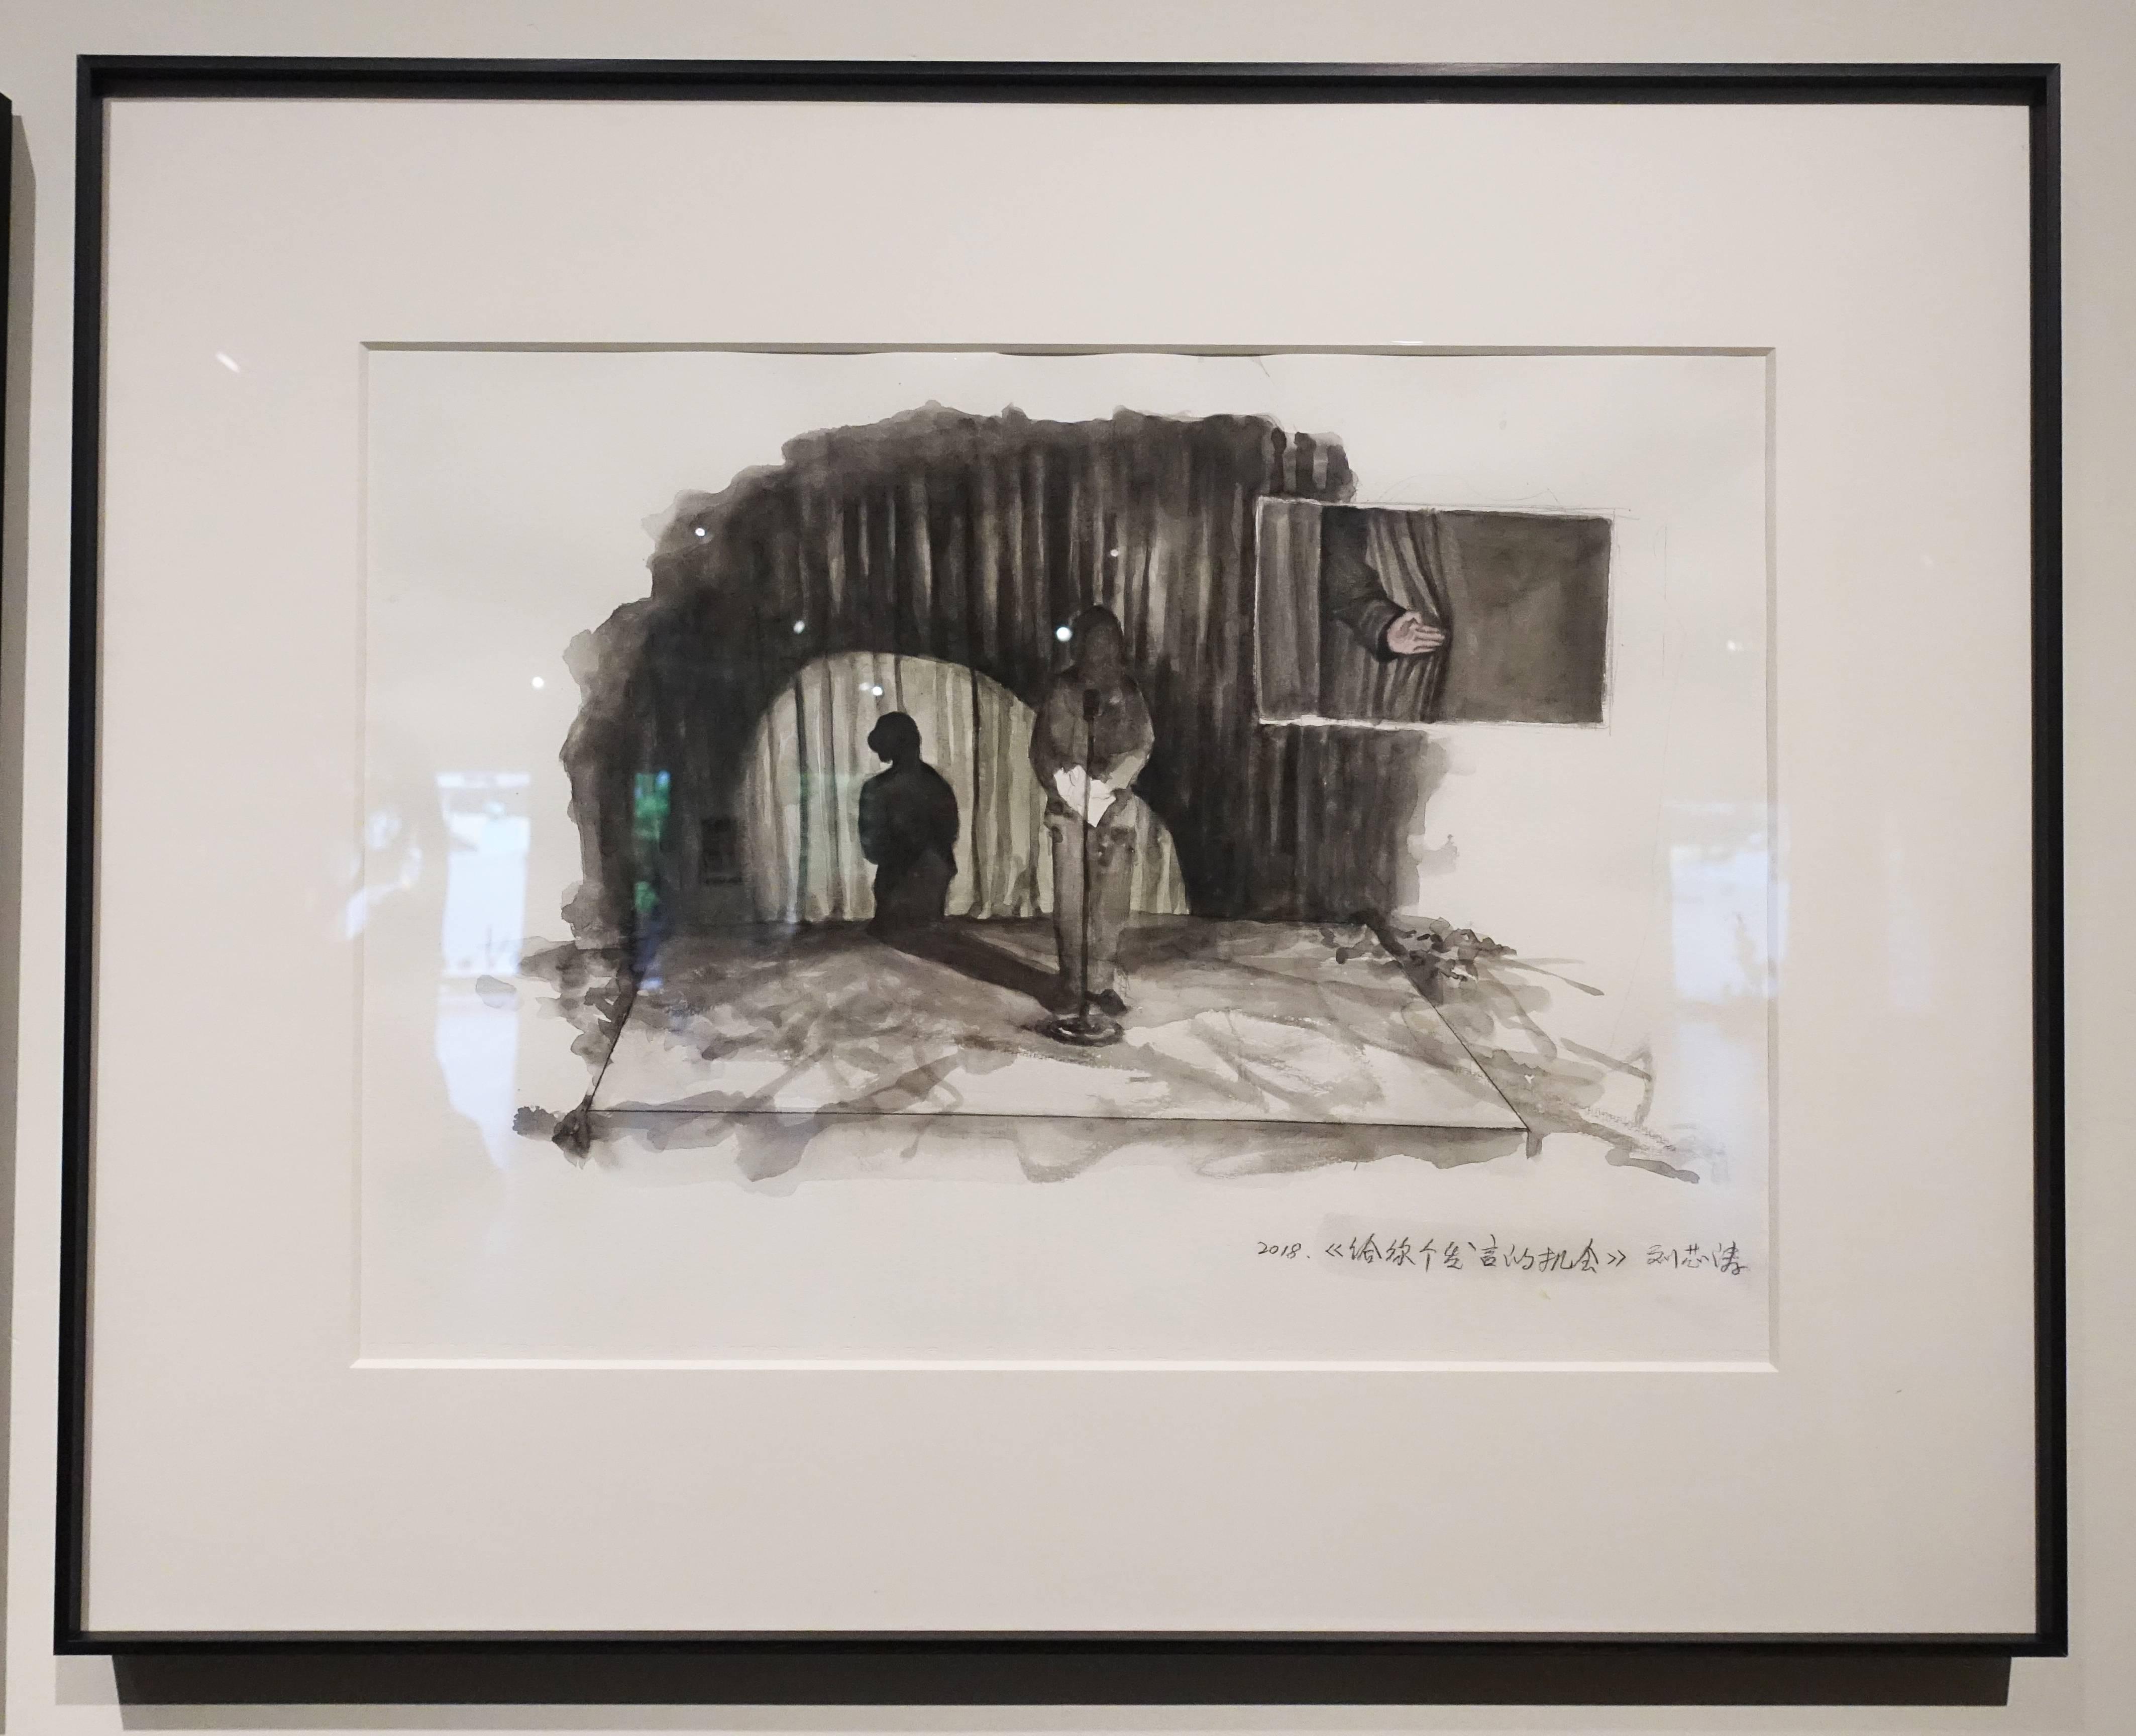 劉芯濤,《發言》,39 x 54 cm,紙本作品,2018。